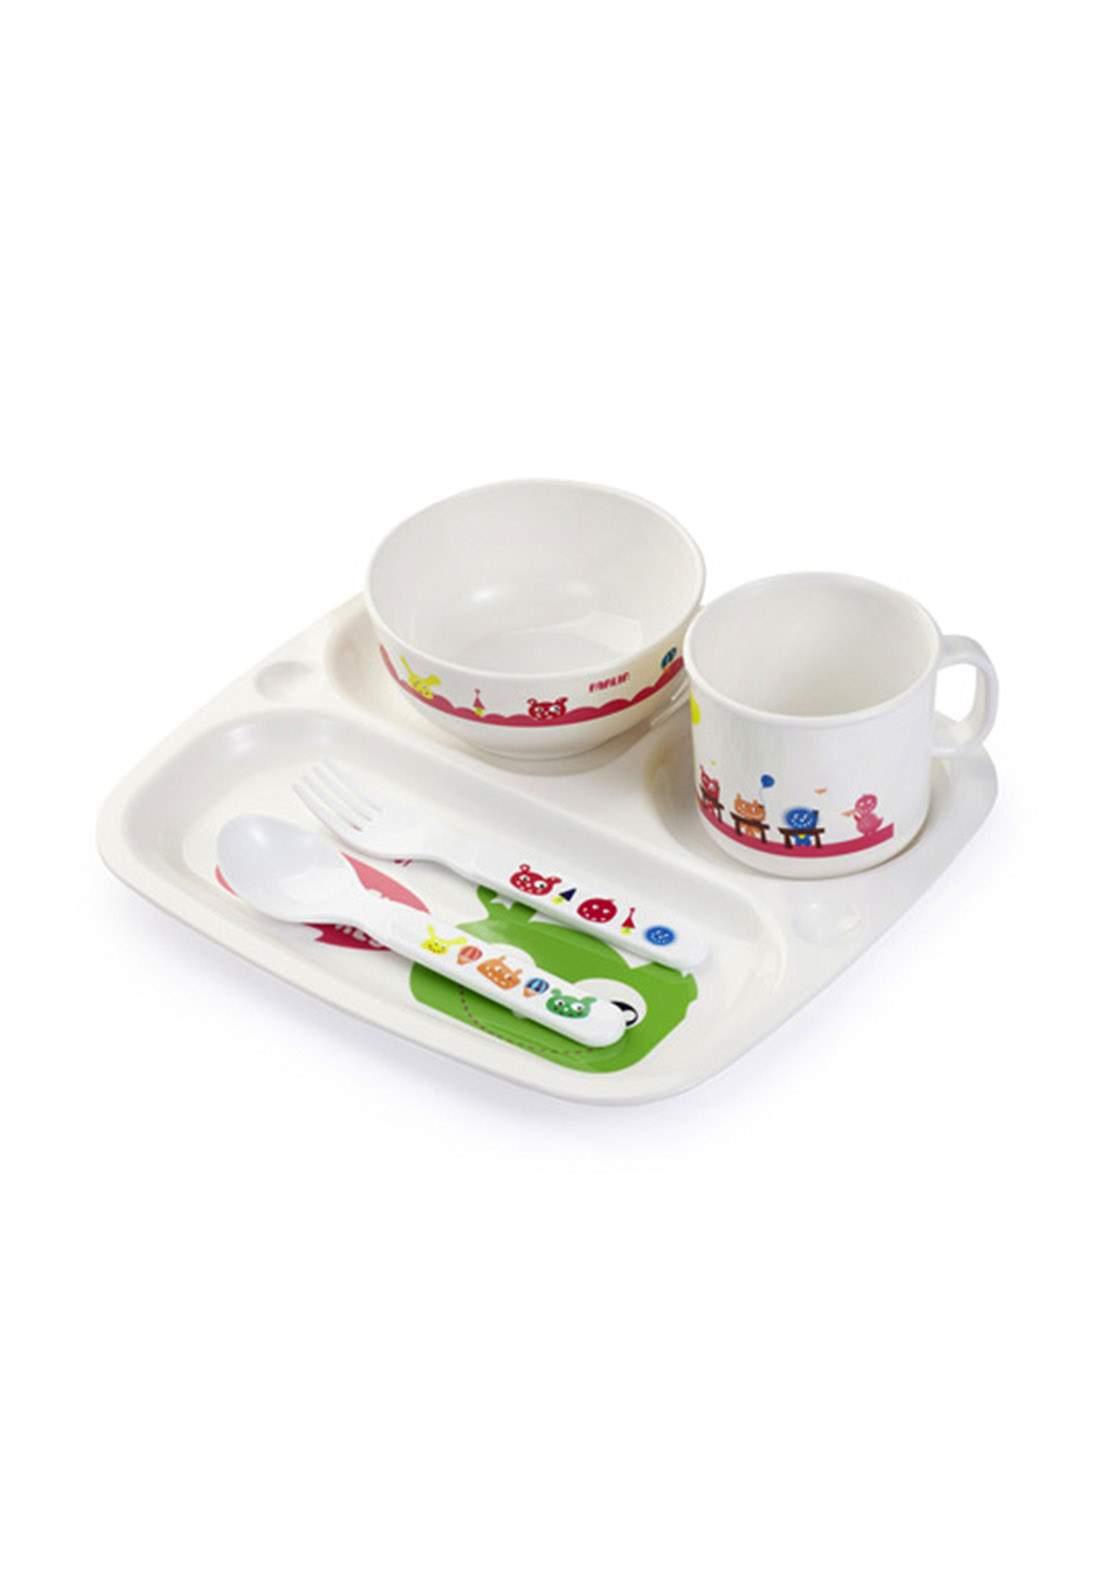 Farlin Baby Tableware Set طقم وجبات الغذاء للاطفال